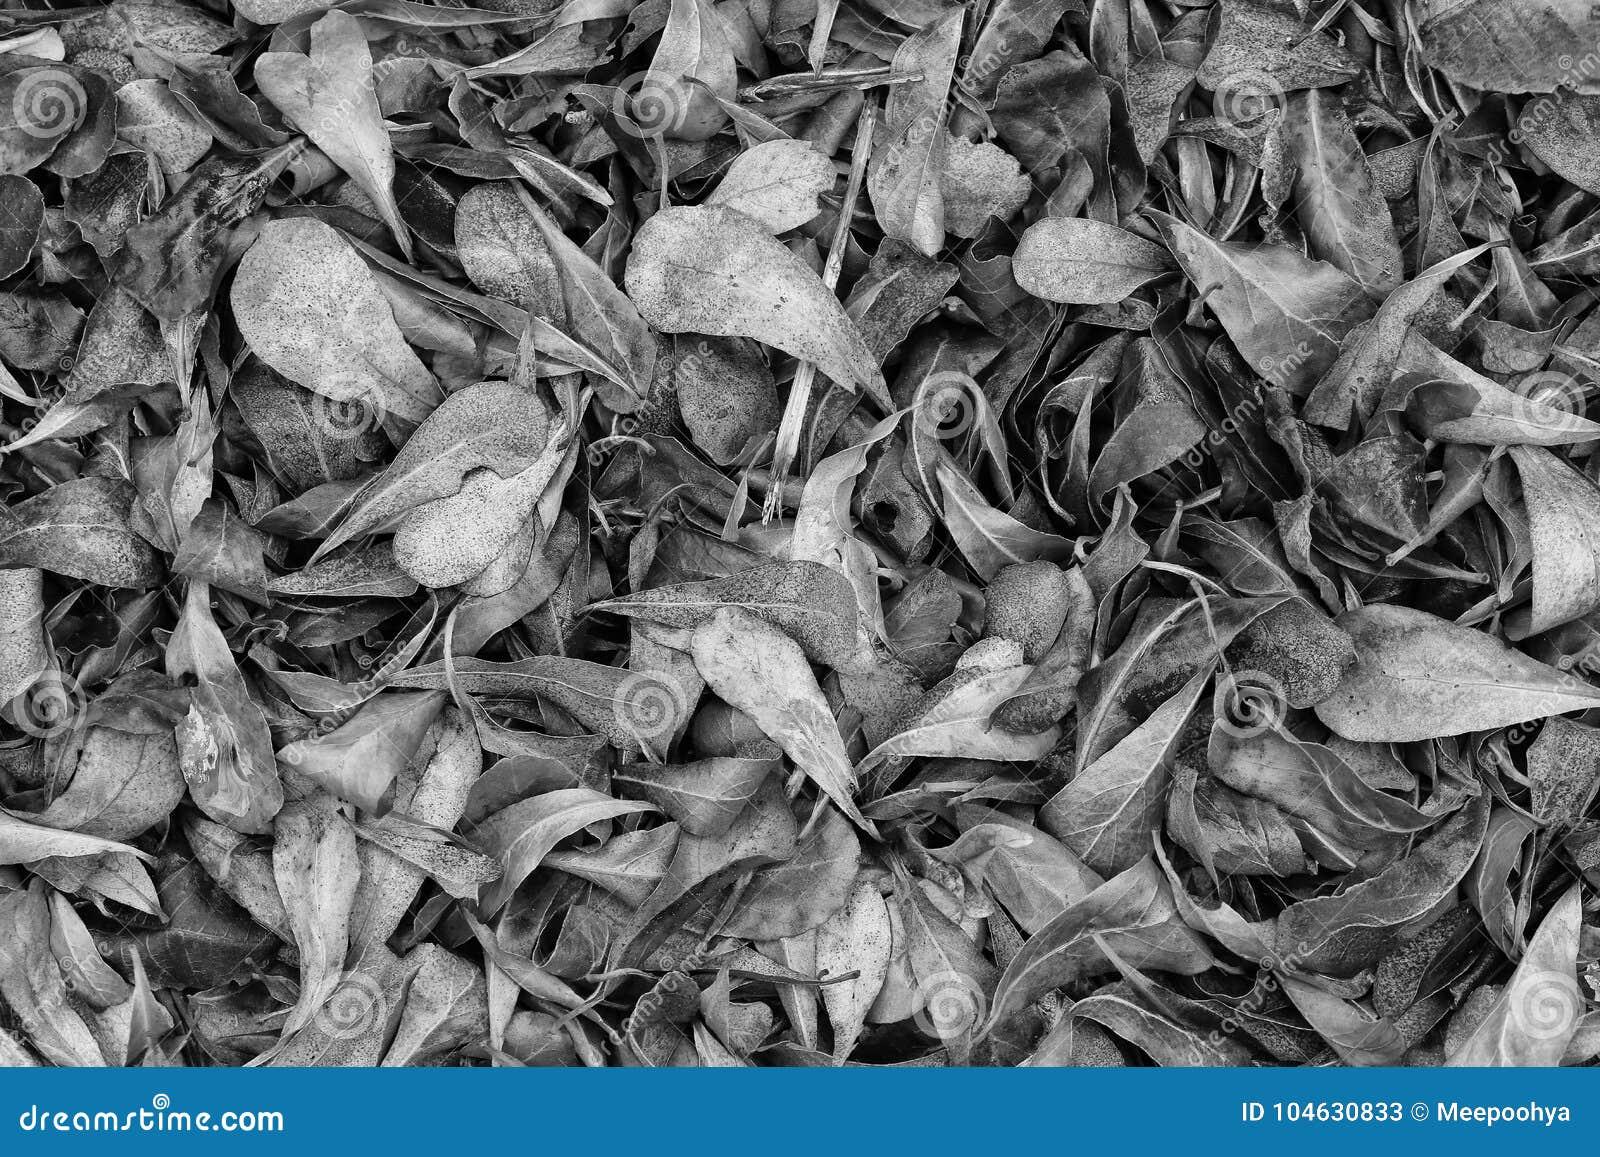 Download Droog Bladeren In Zwart-witte Kleur Stock Afbeelding - Afbeelding bestaande uit niemand, bladeren: 104630833